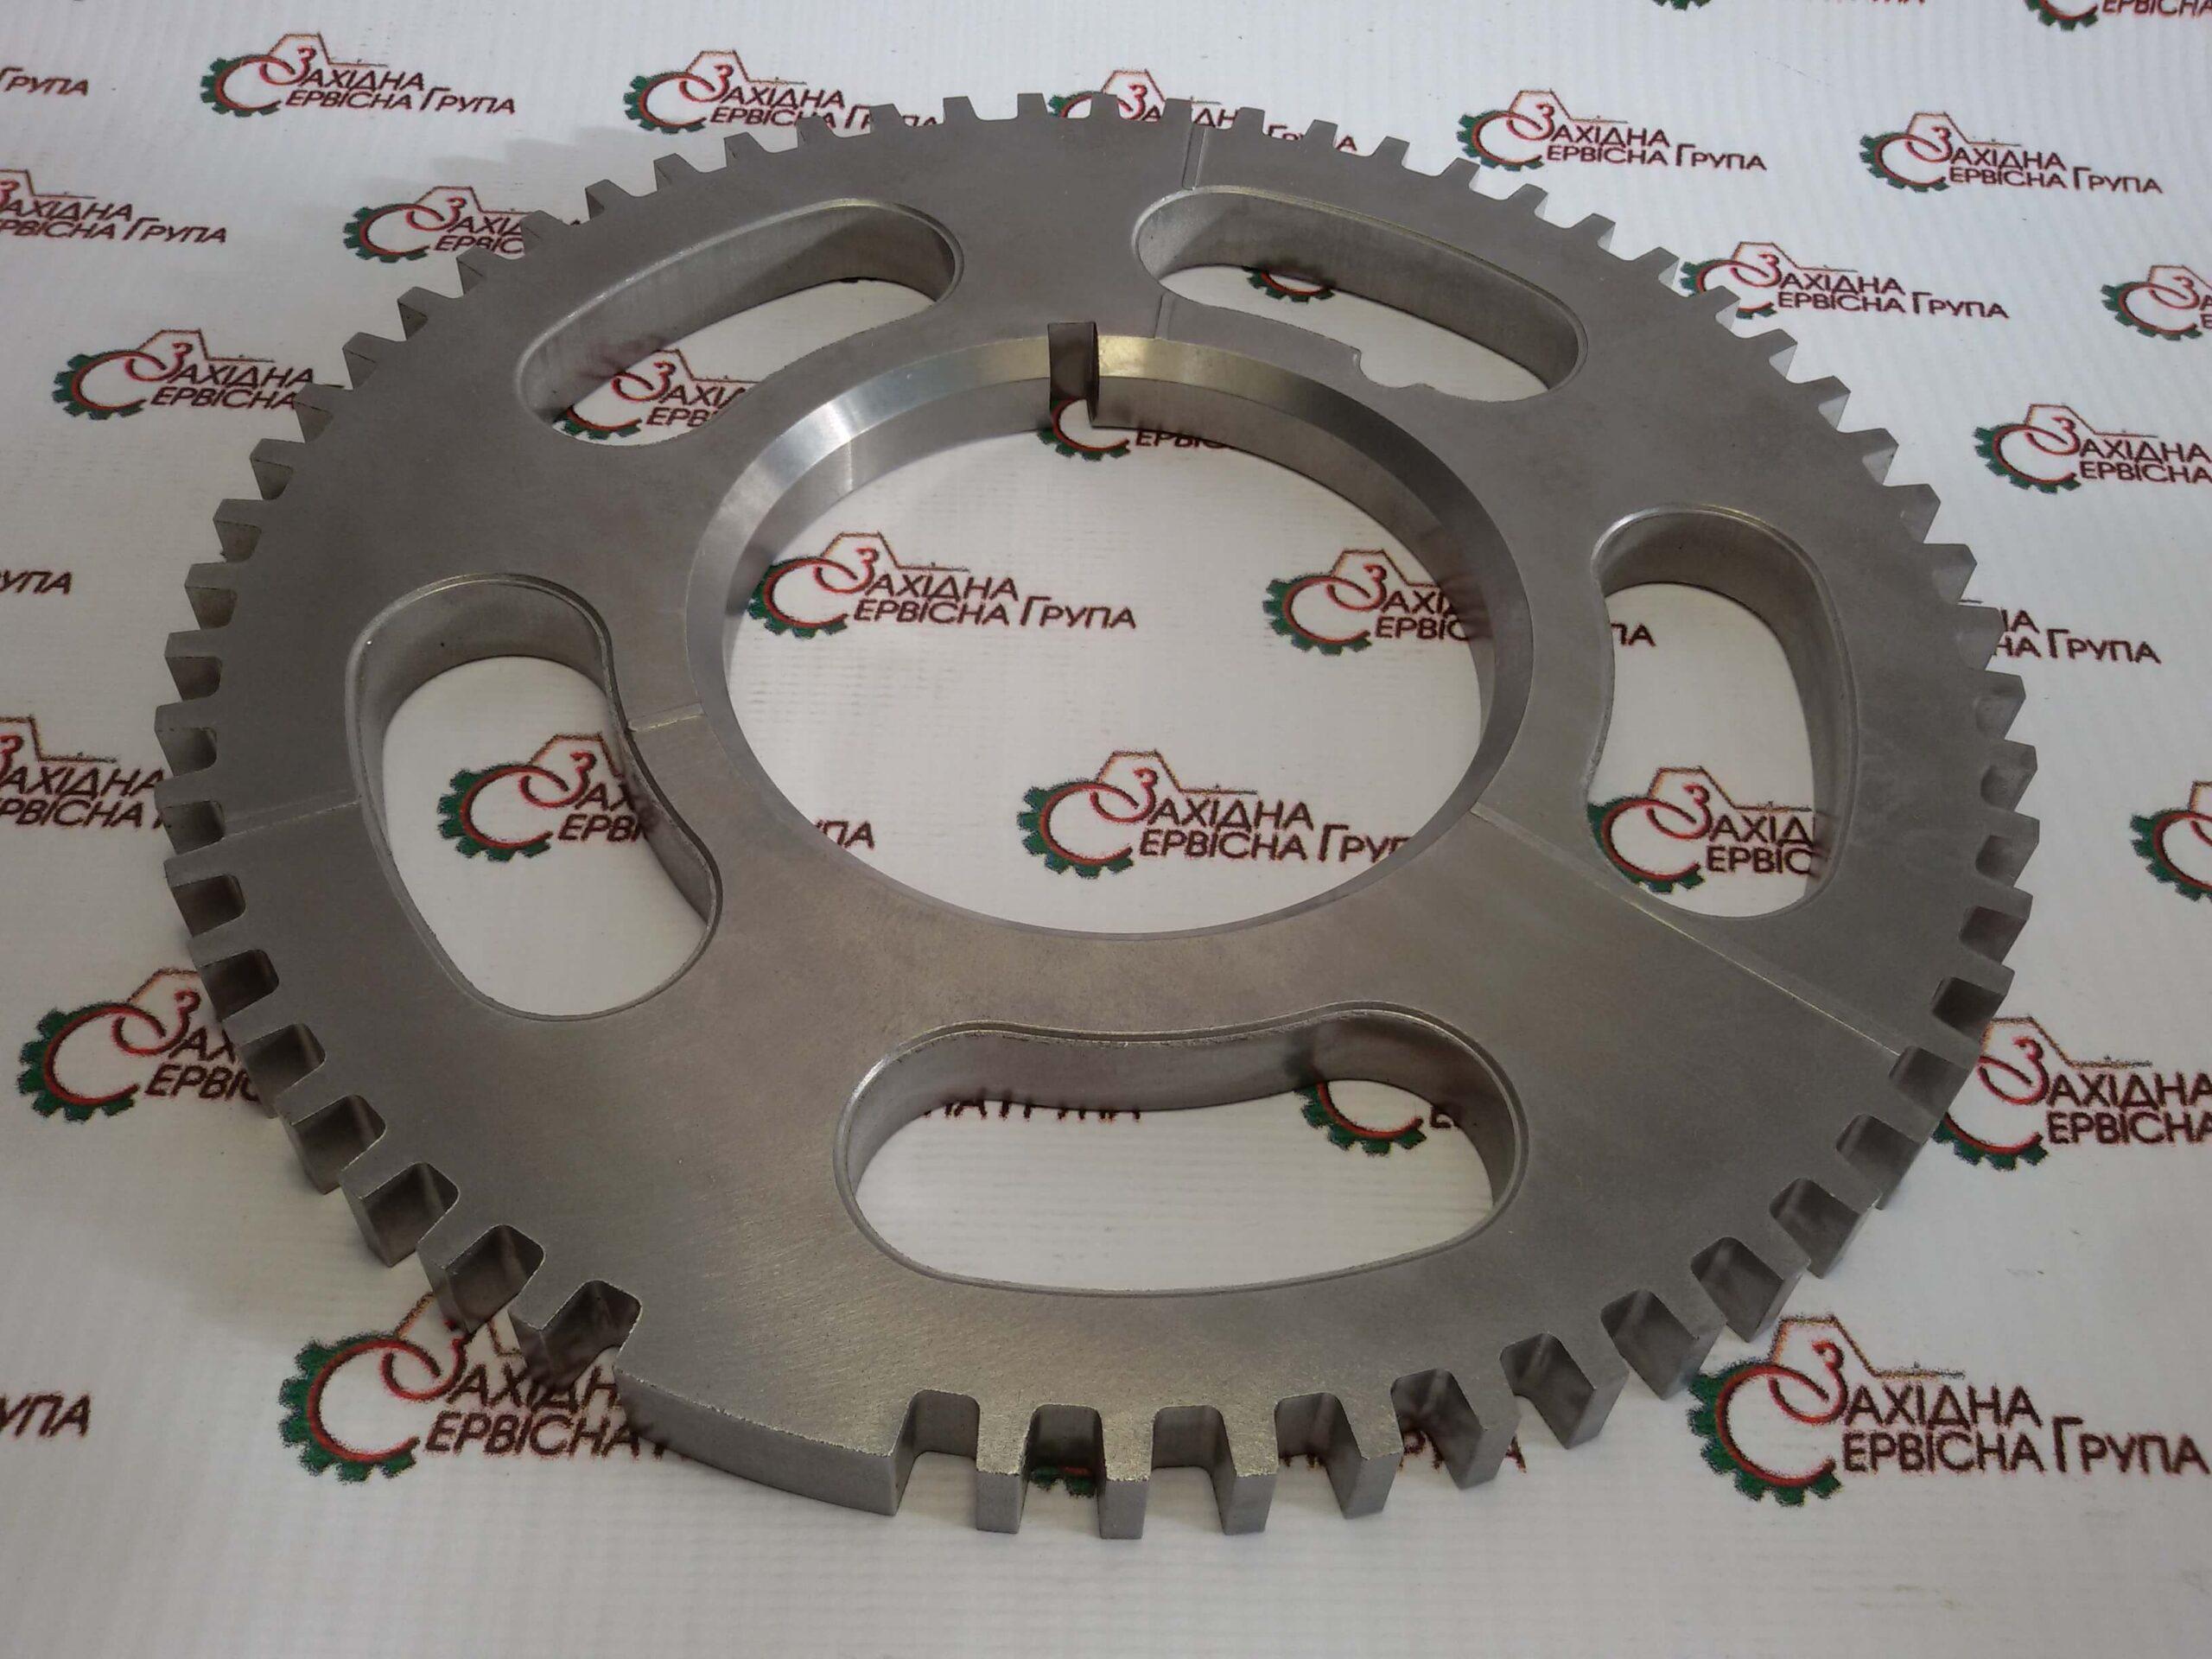 Вінець (тонове колесо) датчика обертів колінчатого вала Cummins ISX15, QSX15, 3689001, 3681194.